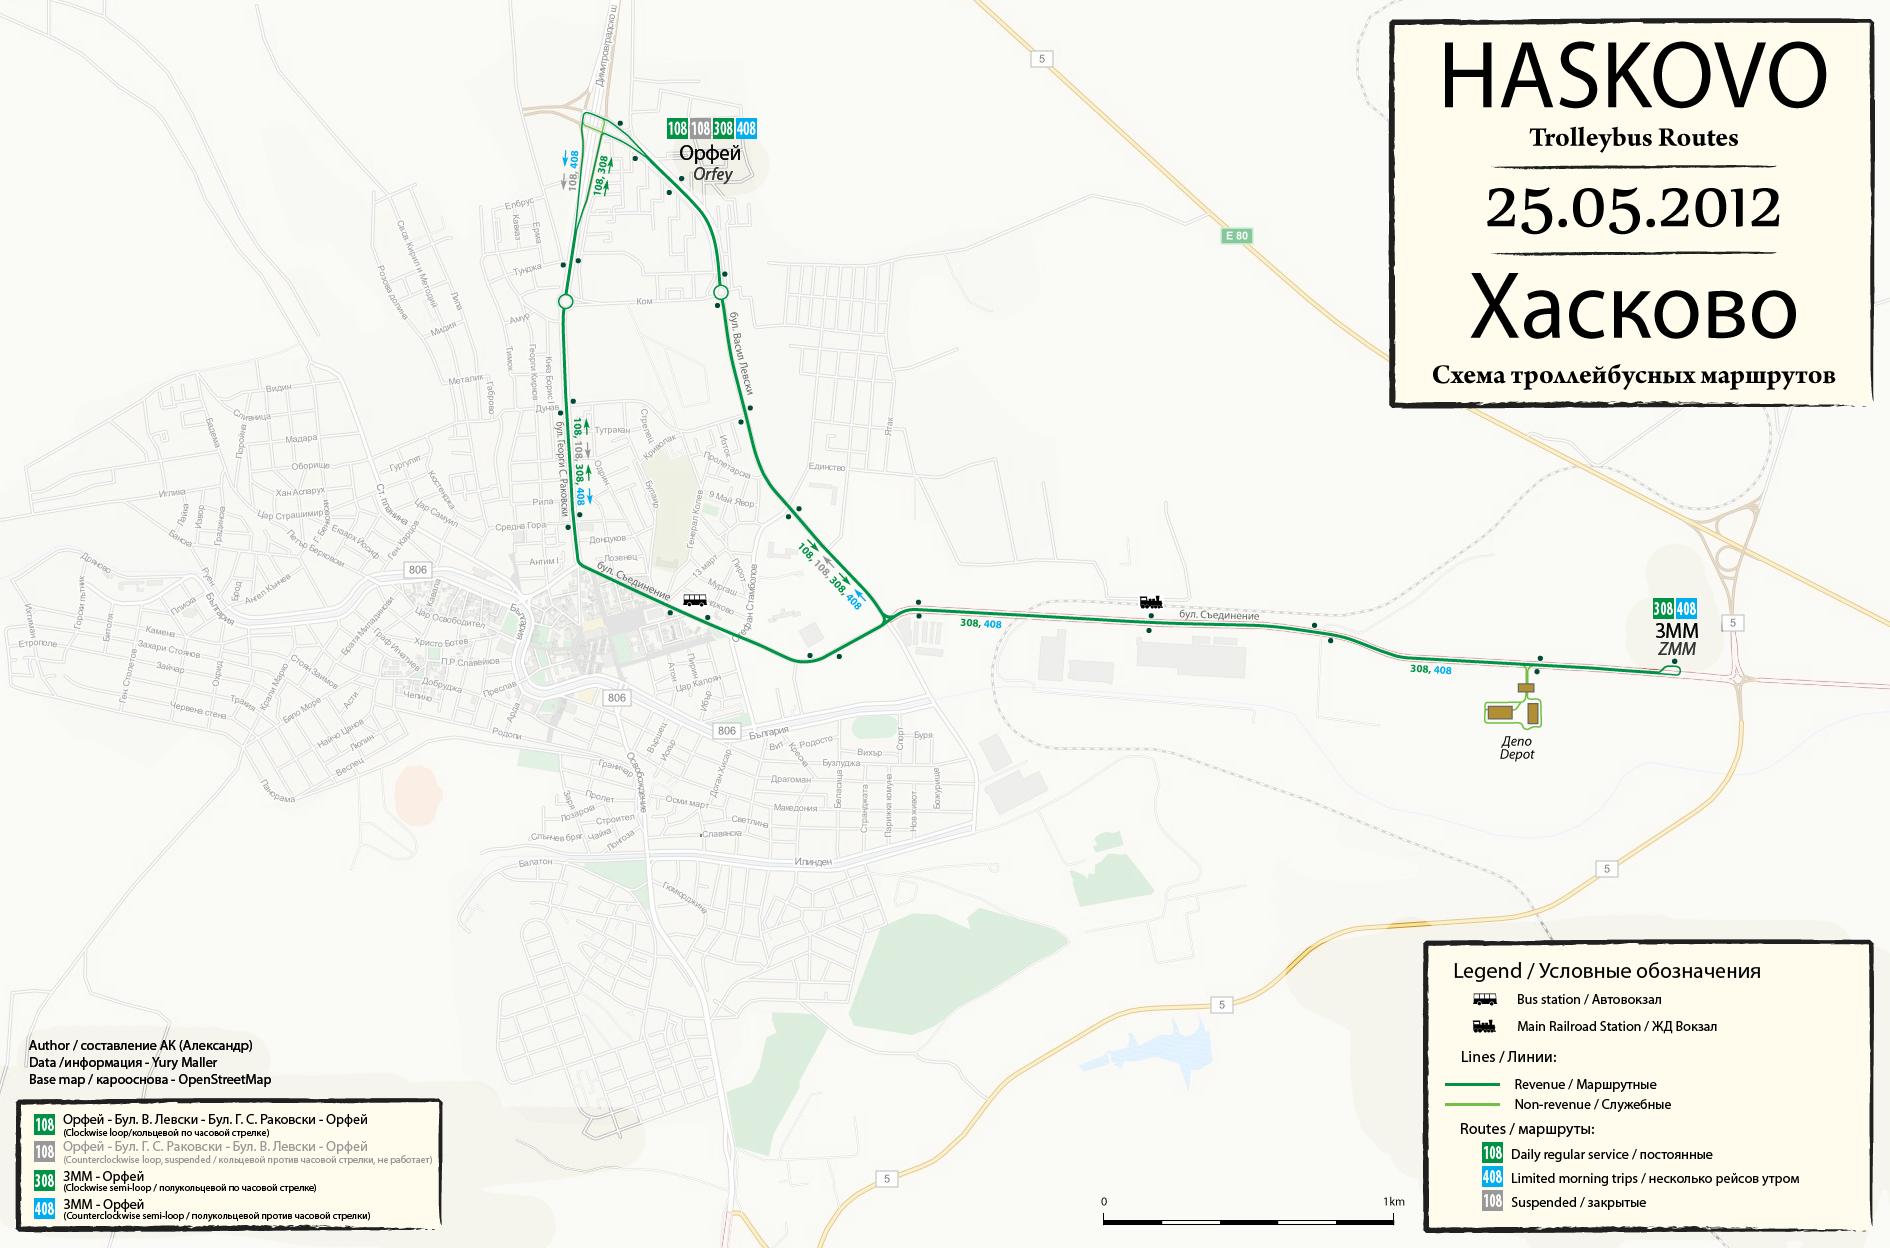 Plán sítě z roku 2012. Dnes už jezdí jen linky 108 a 308, jak ukazuje plánek níže. (autor: Alexandr Klišin)